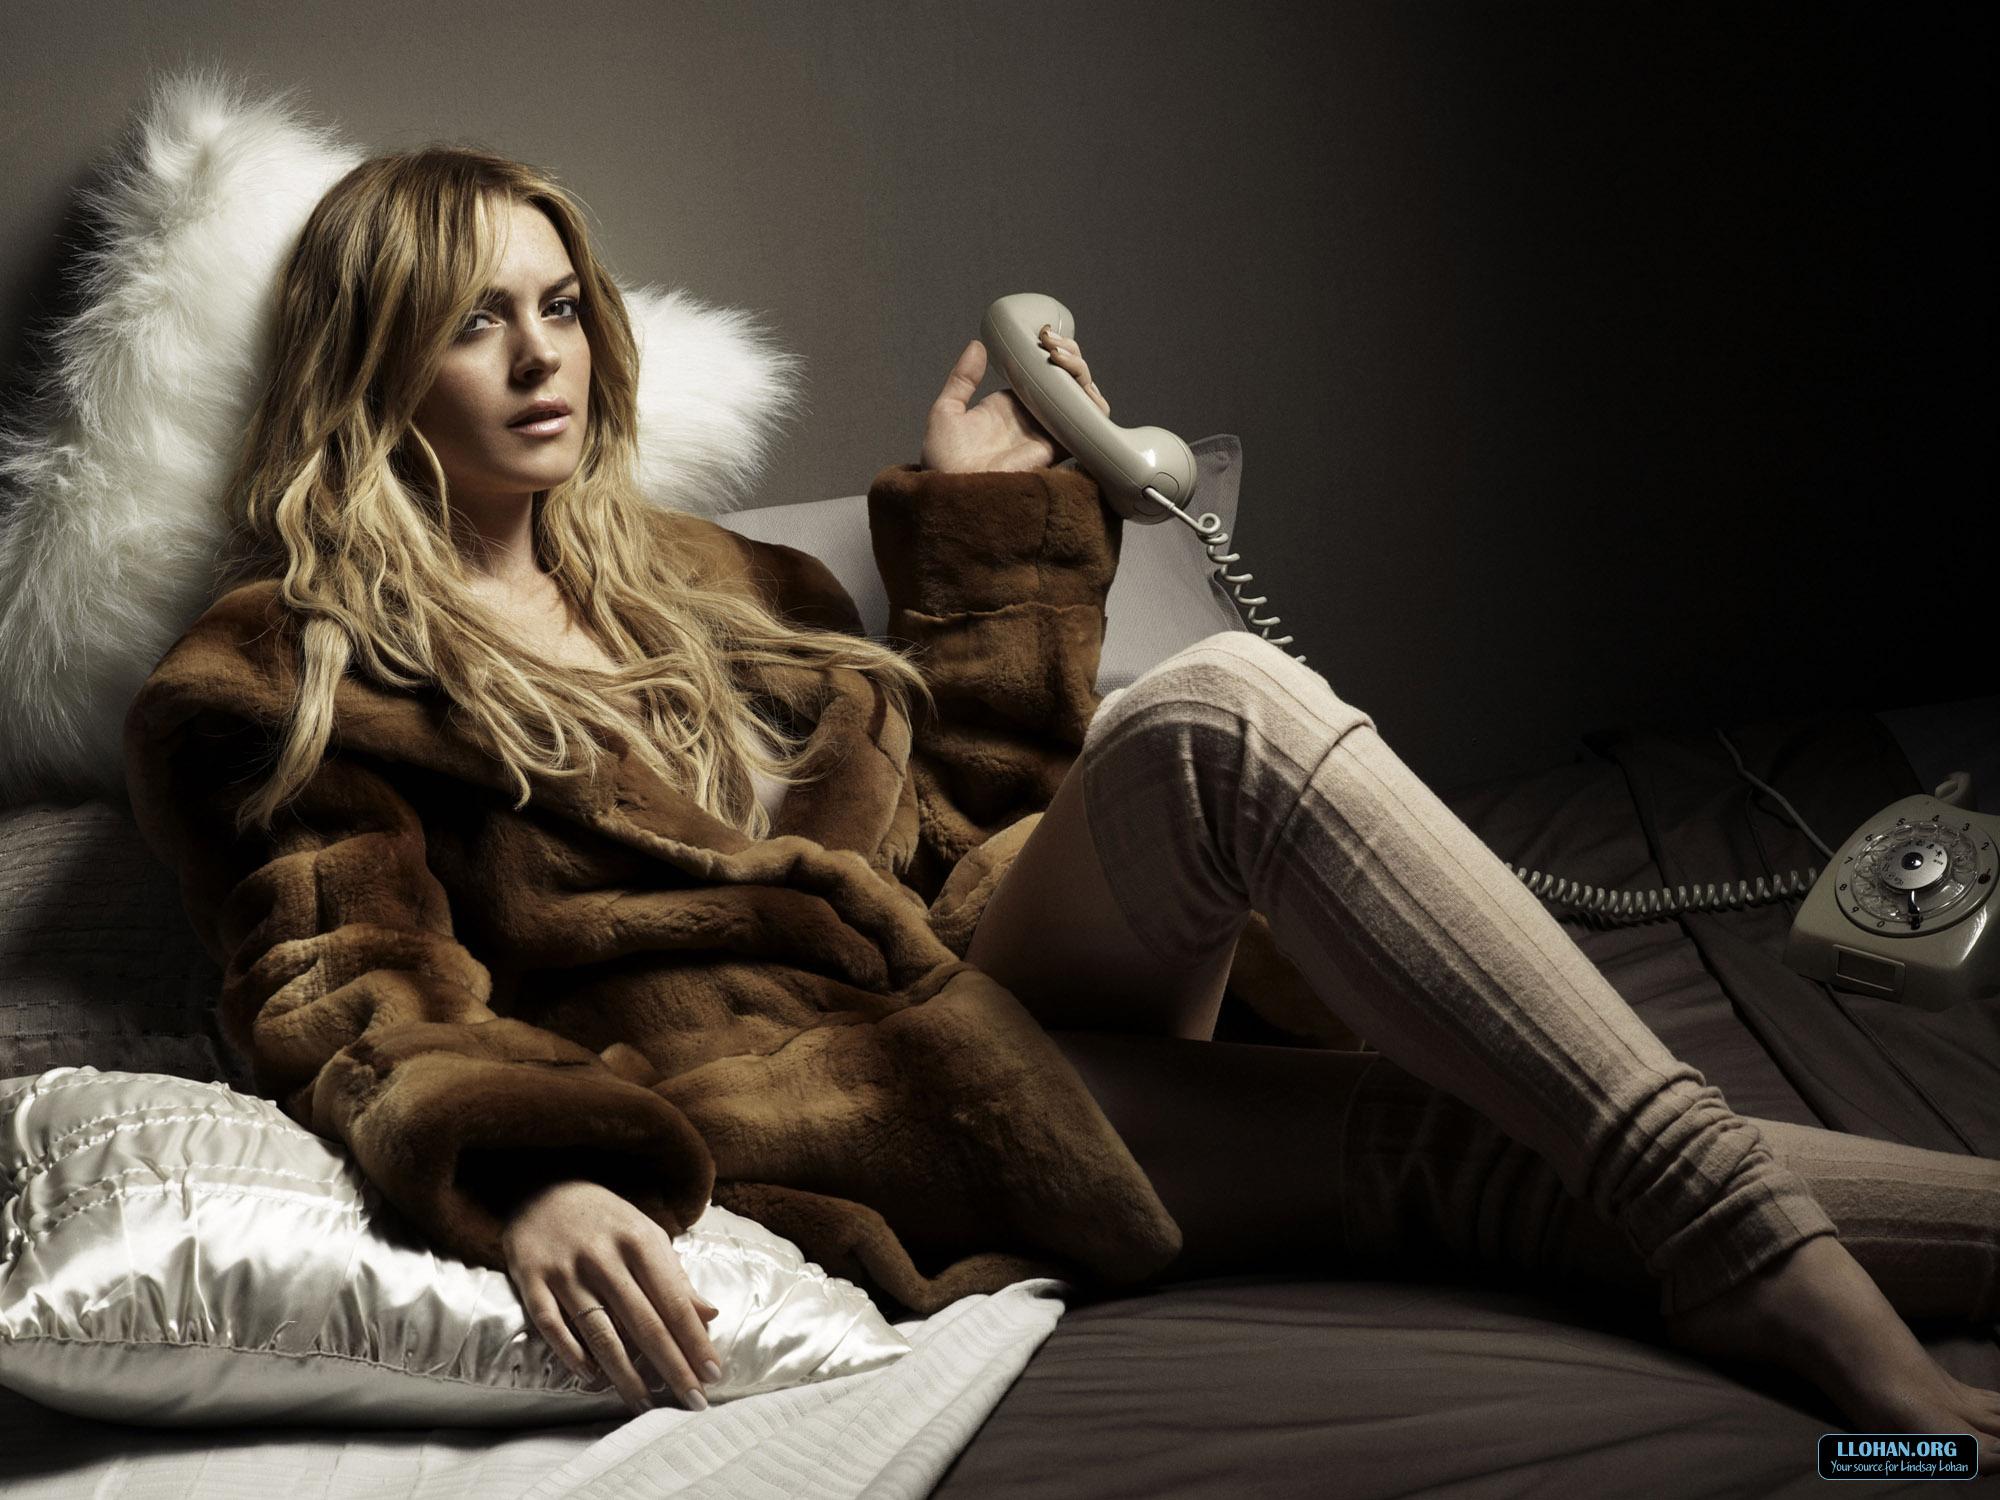 Lindsay Lohan Wallpapers 2007-2009 скачать торрент бесплатно.